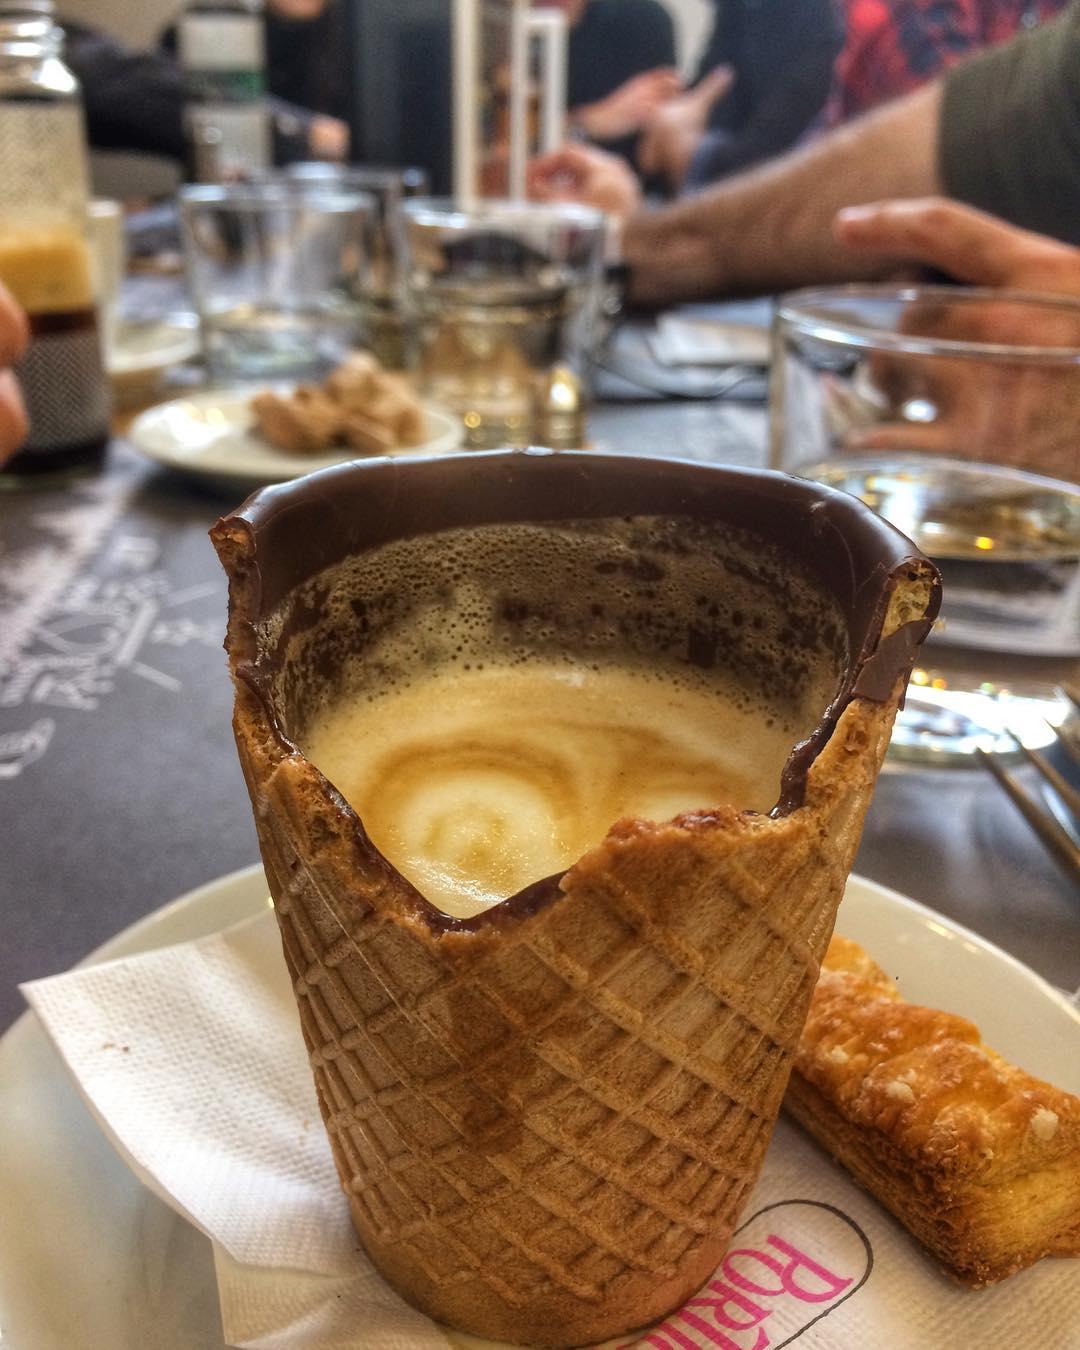 Ο καφές σε άλλη διάσταση! Η πρώτη καφετέρια στην Ελλάδα που σερβίρει καφέ σε τραγανό ποτήρι που τρώγεται